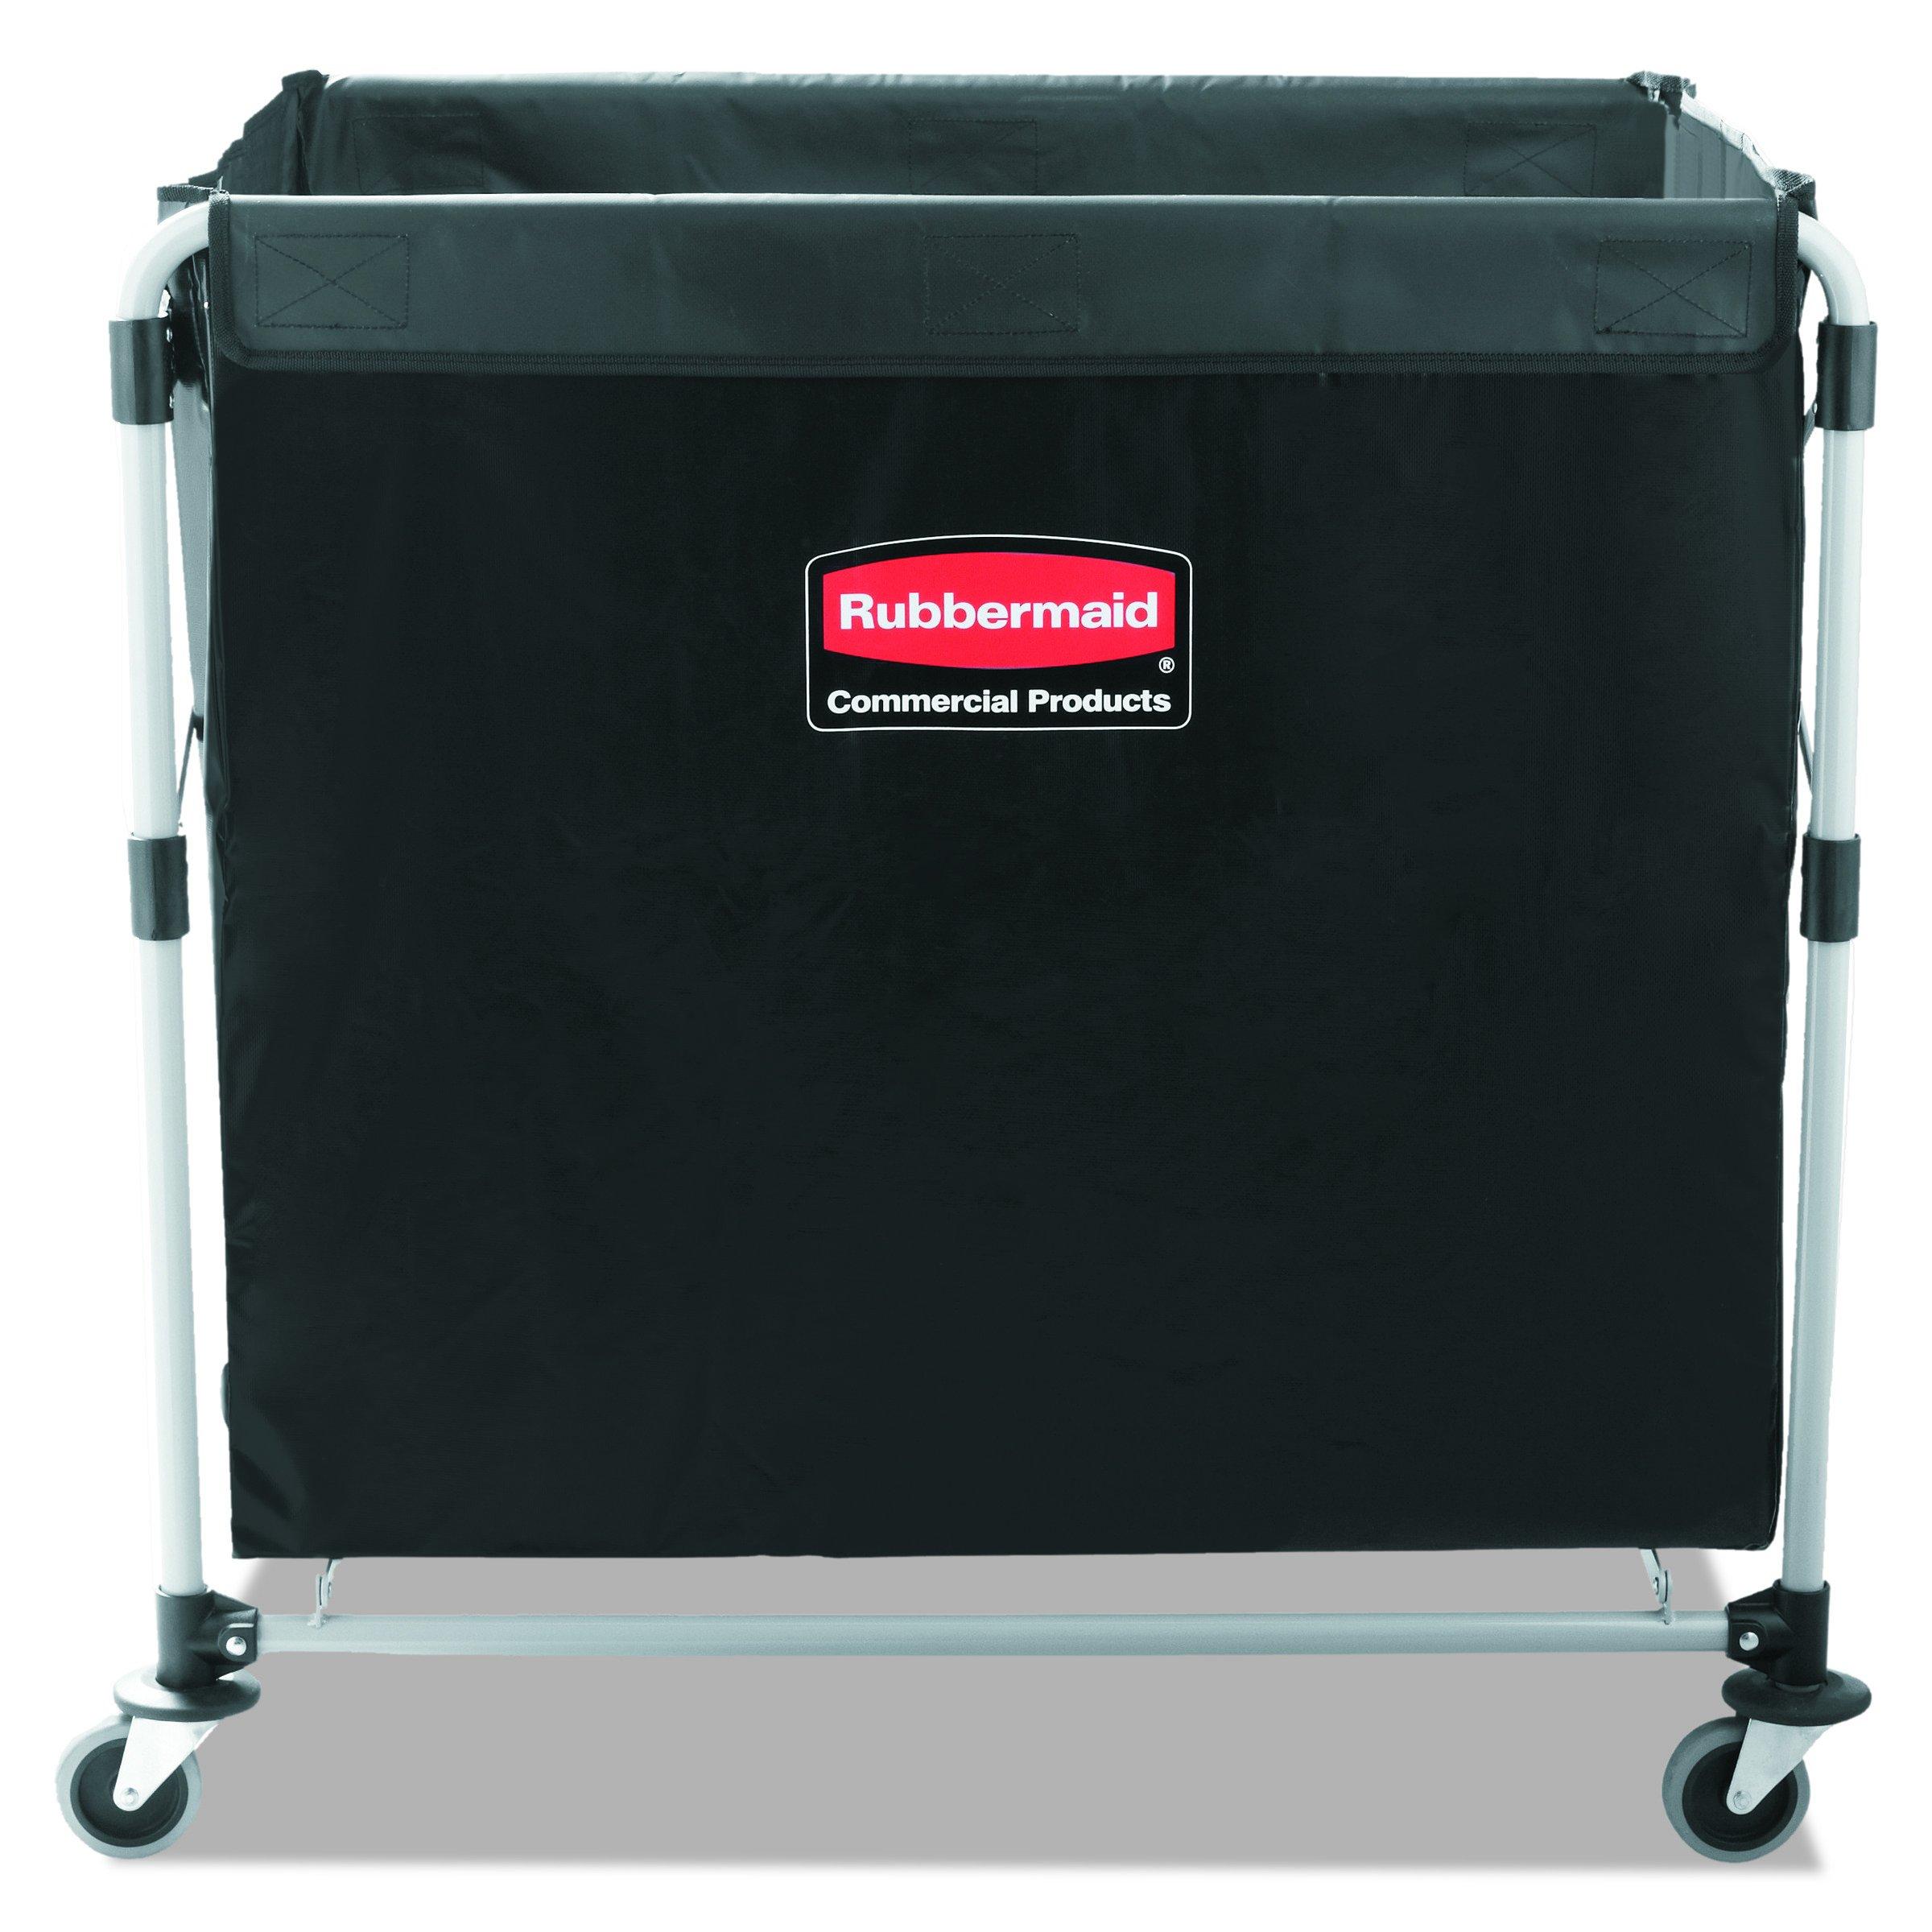 Rubbermaid Commercial Collapsible X-Cart, Steel, 8 Bushel Cart, 36'' L x 7'' W x 34'' H, Black (1881750)